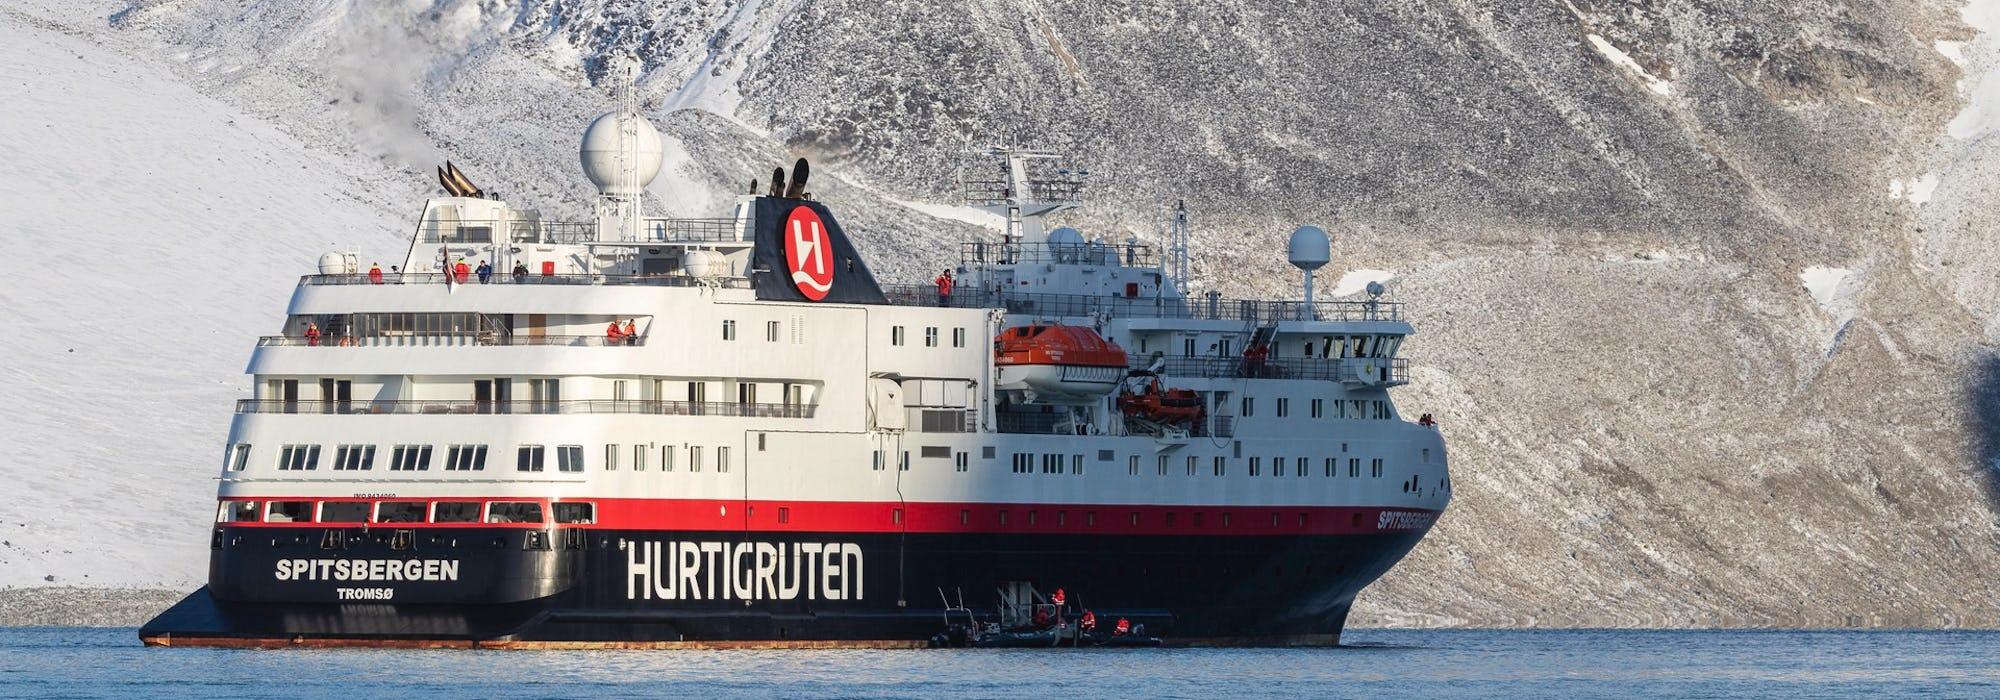 MS Spitsbergen